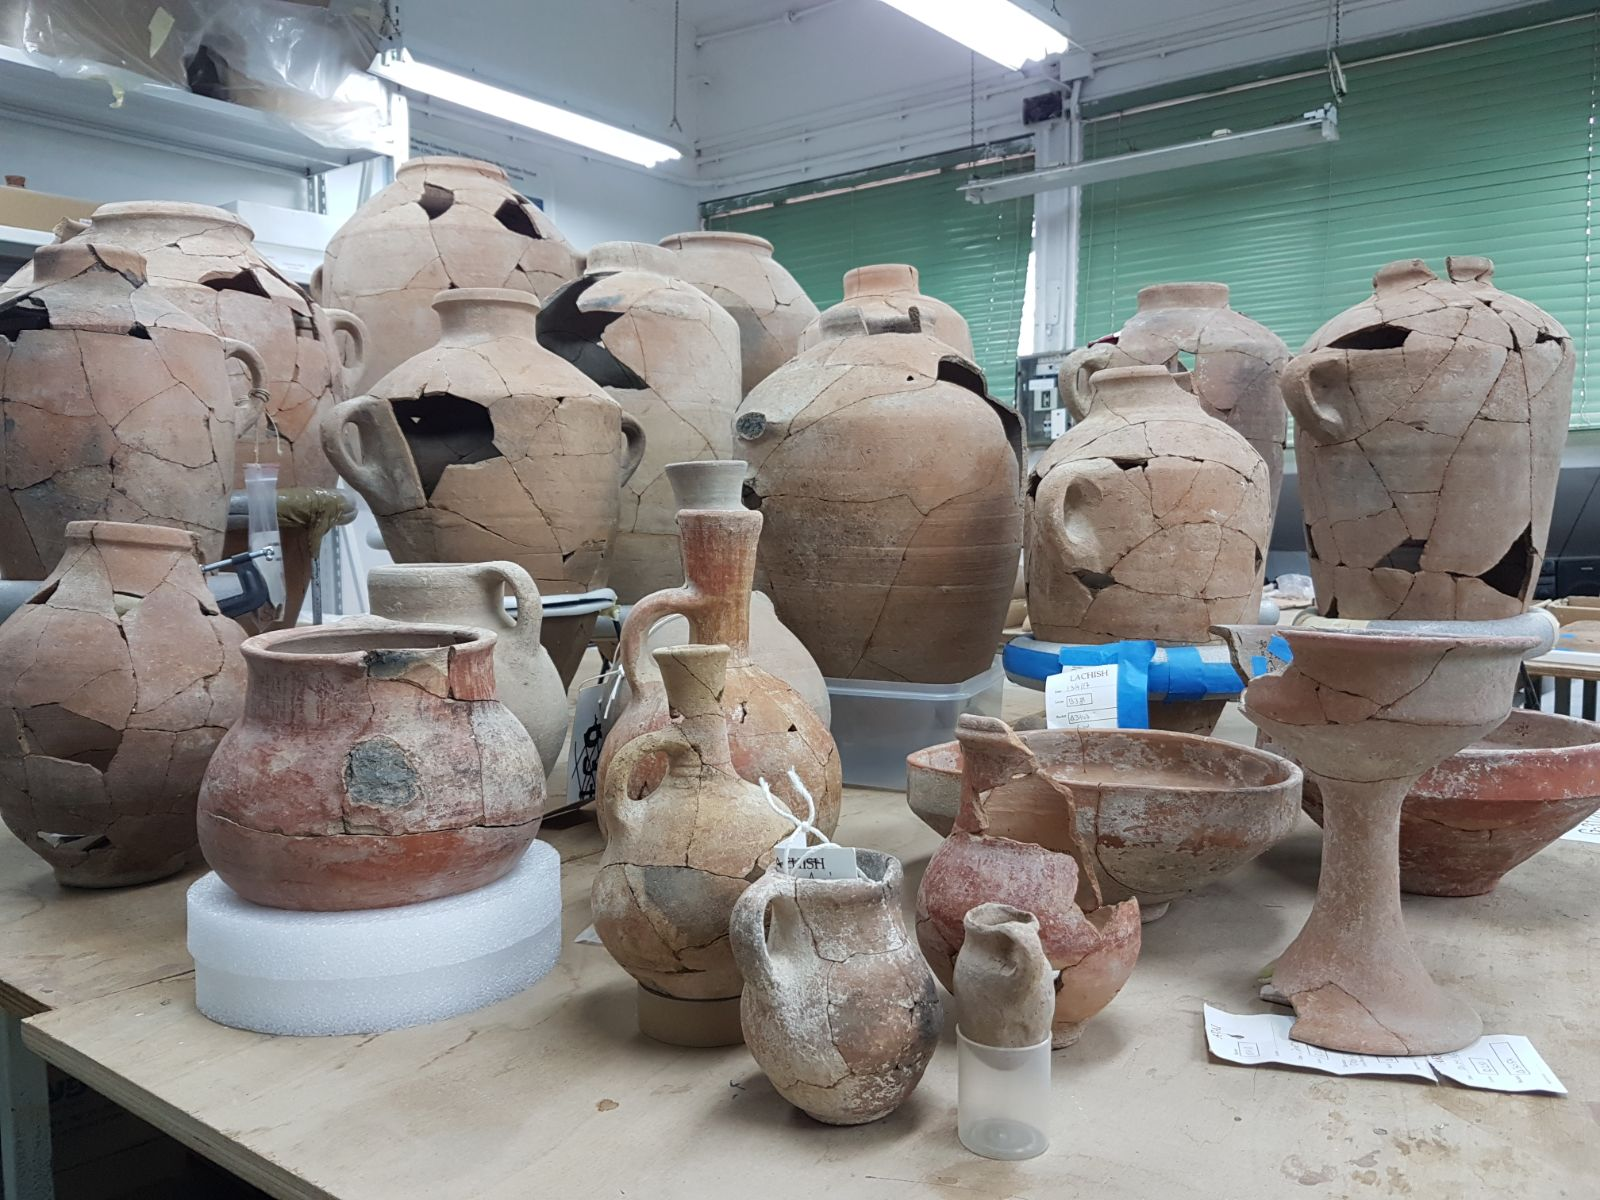 הכלים שנחשפו בחפירות באתר הקדום צקלג צילום-משלחת החפירות לחורבת אל-רעי